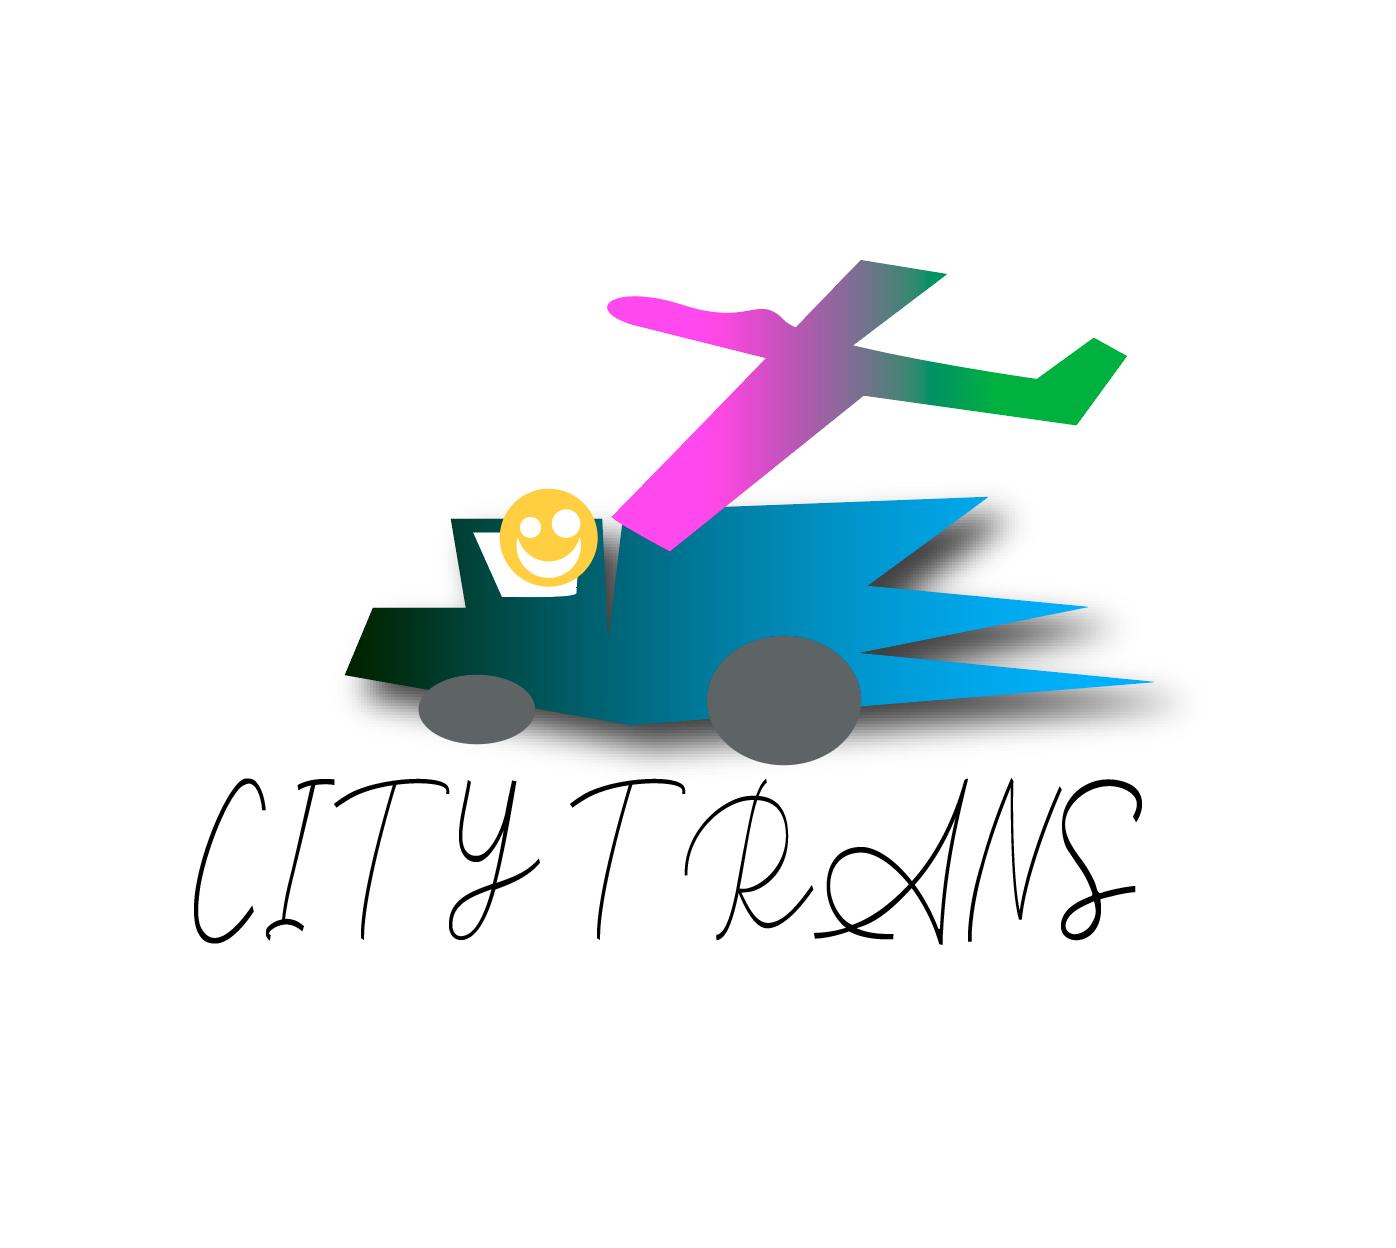 Разработка Логотипа транспортной компании фото f_2695e6cfbcc21f02.png